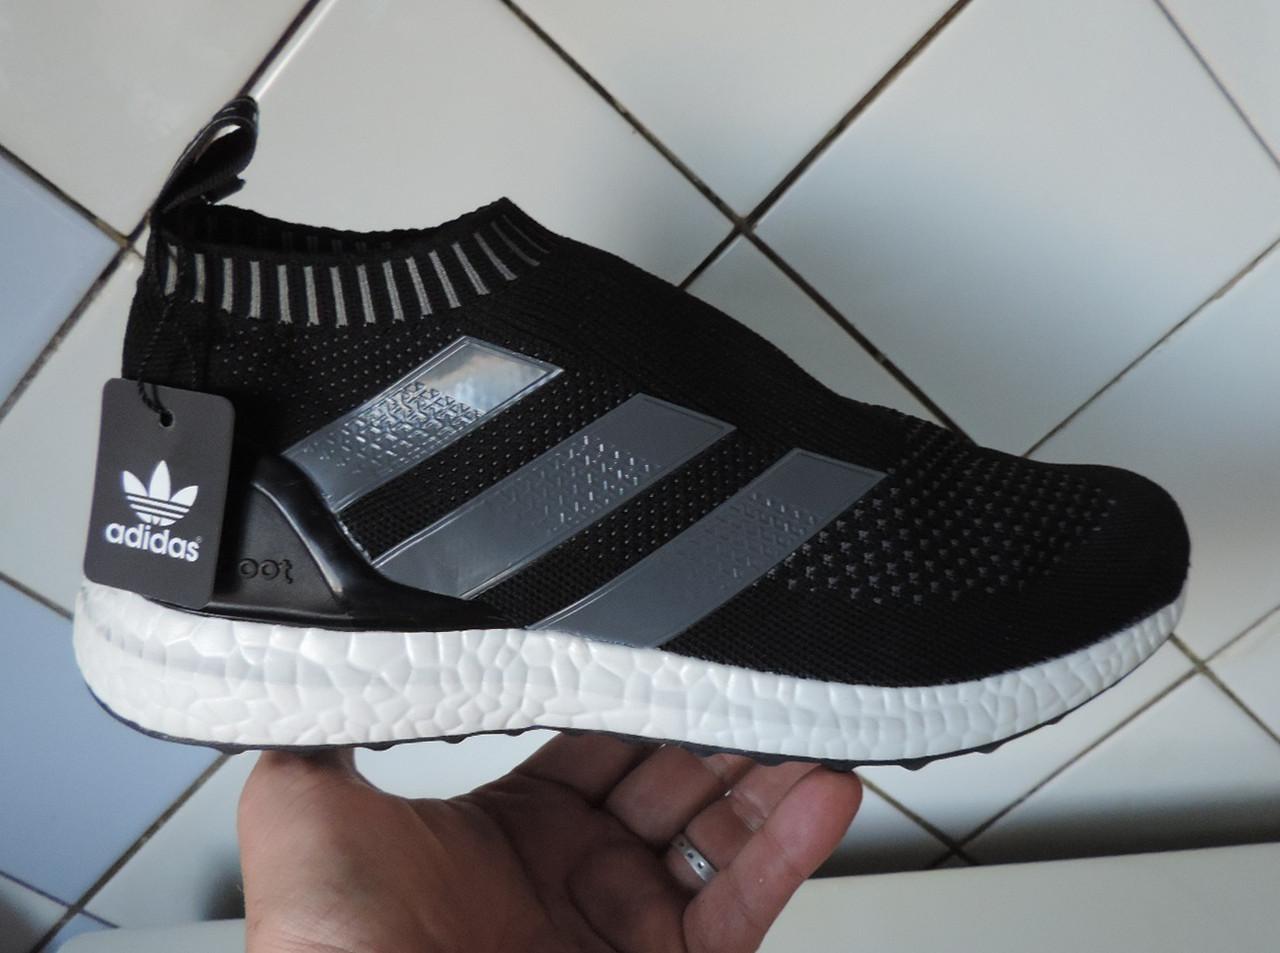 Беговые кроссовки мужские Adidas ACE 16 + PureControl Ultra Boost, реплика